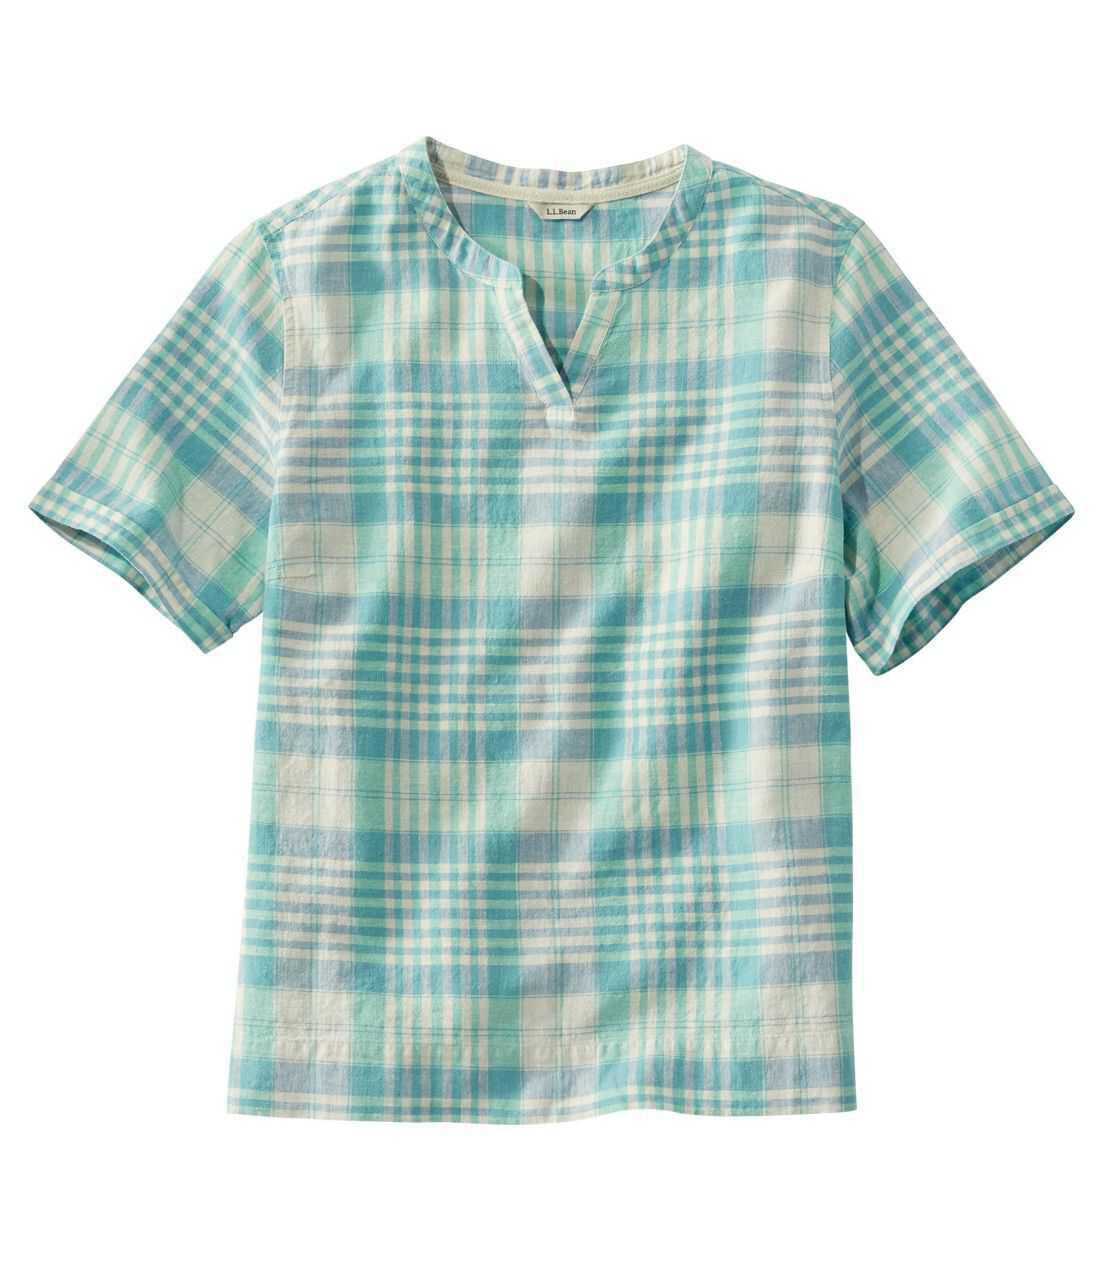 テクスチャード・リネン/コットン・シャツ、半袖 プラッド